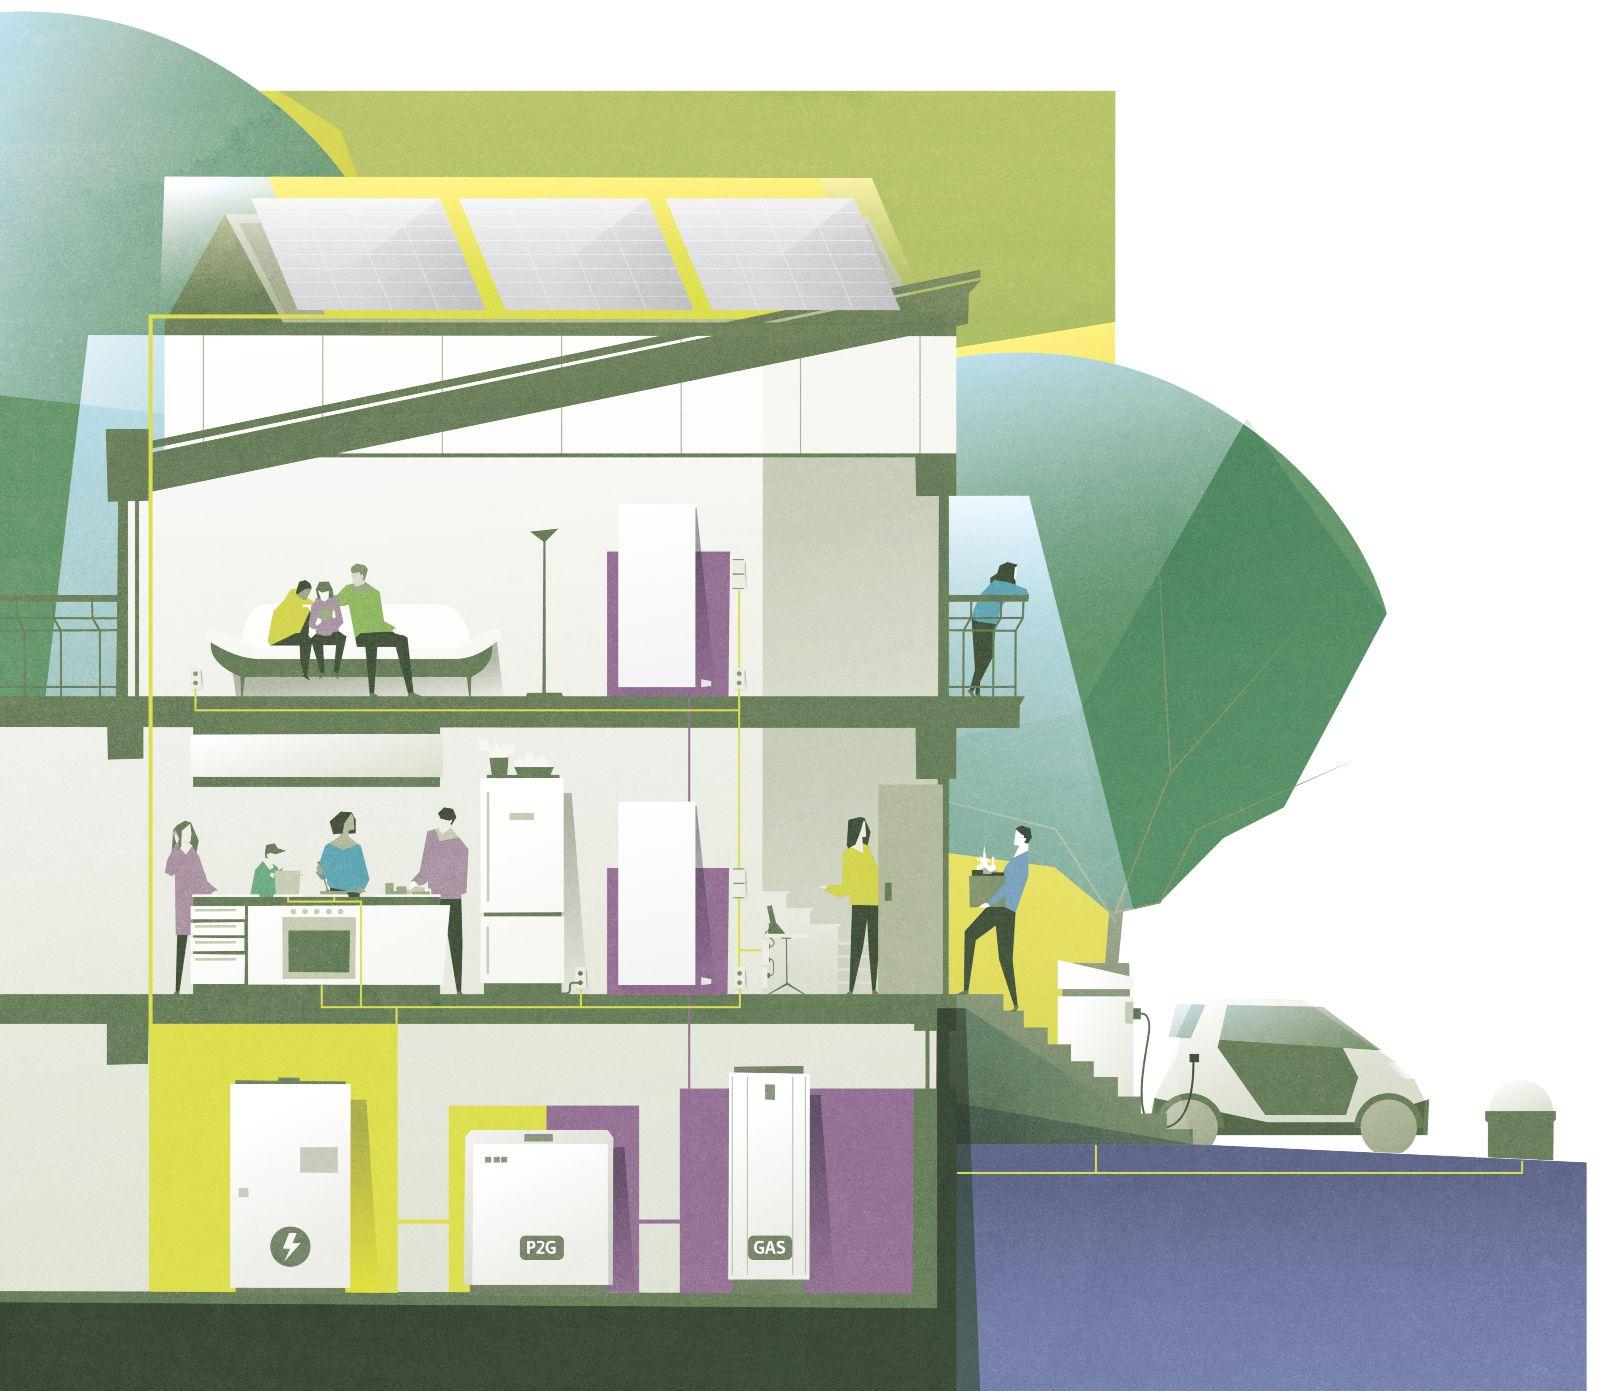 Das Bild zeigt eine Zeichnung eines Einfamilienhauses mit PtG-Anlage im Keller